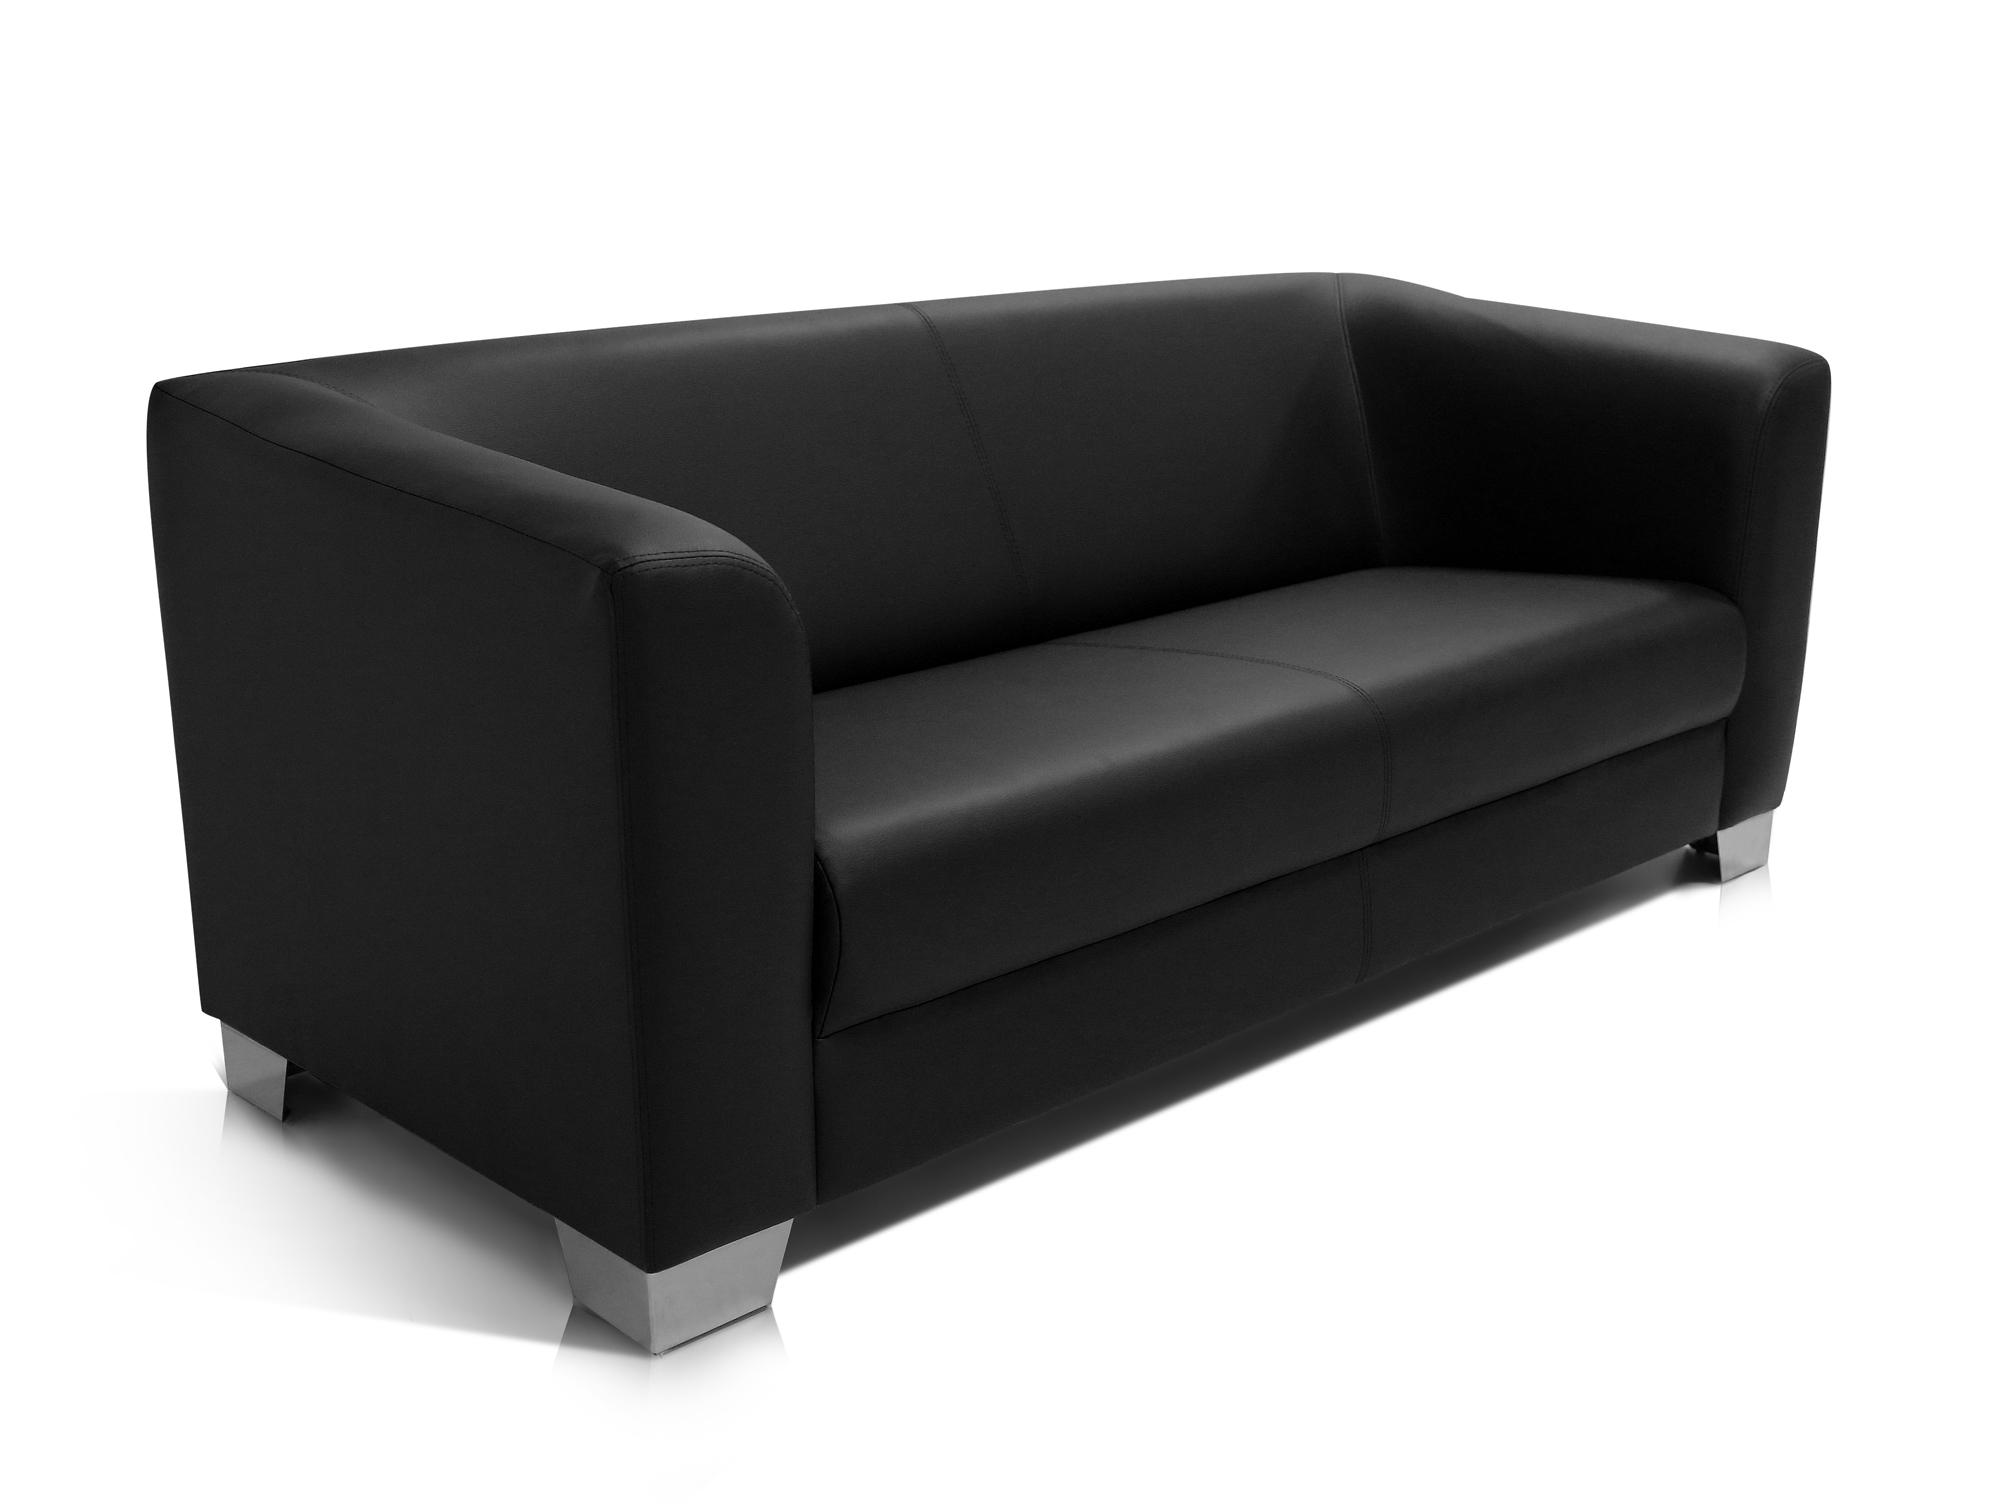 sofa couch 3 sitzer sofa lounge schwarz kunstleder chicago kunstledercouch ebay. Black Bedroom Furniture Sets. Home Design Ideas